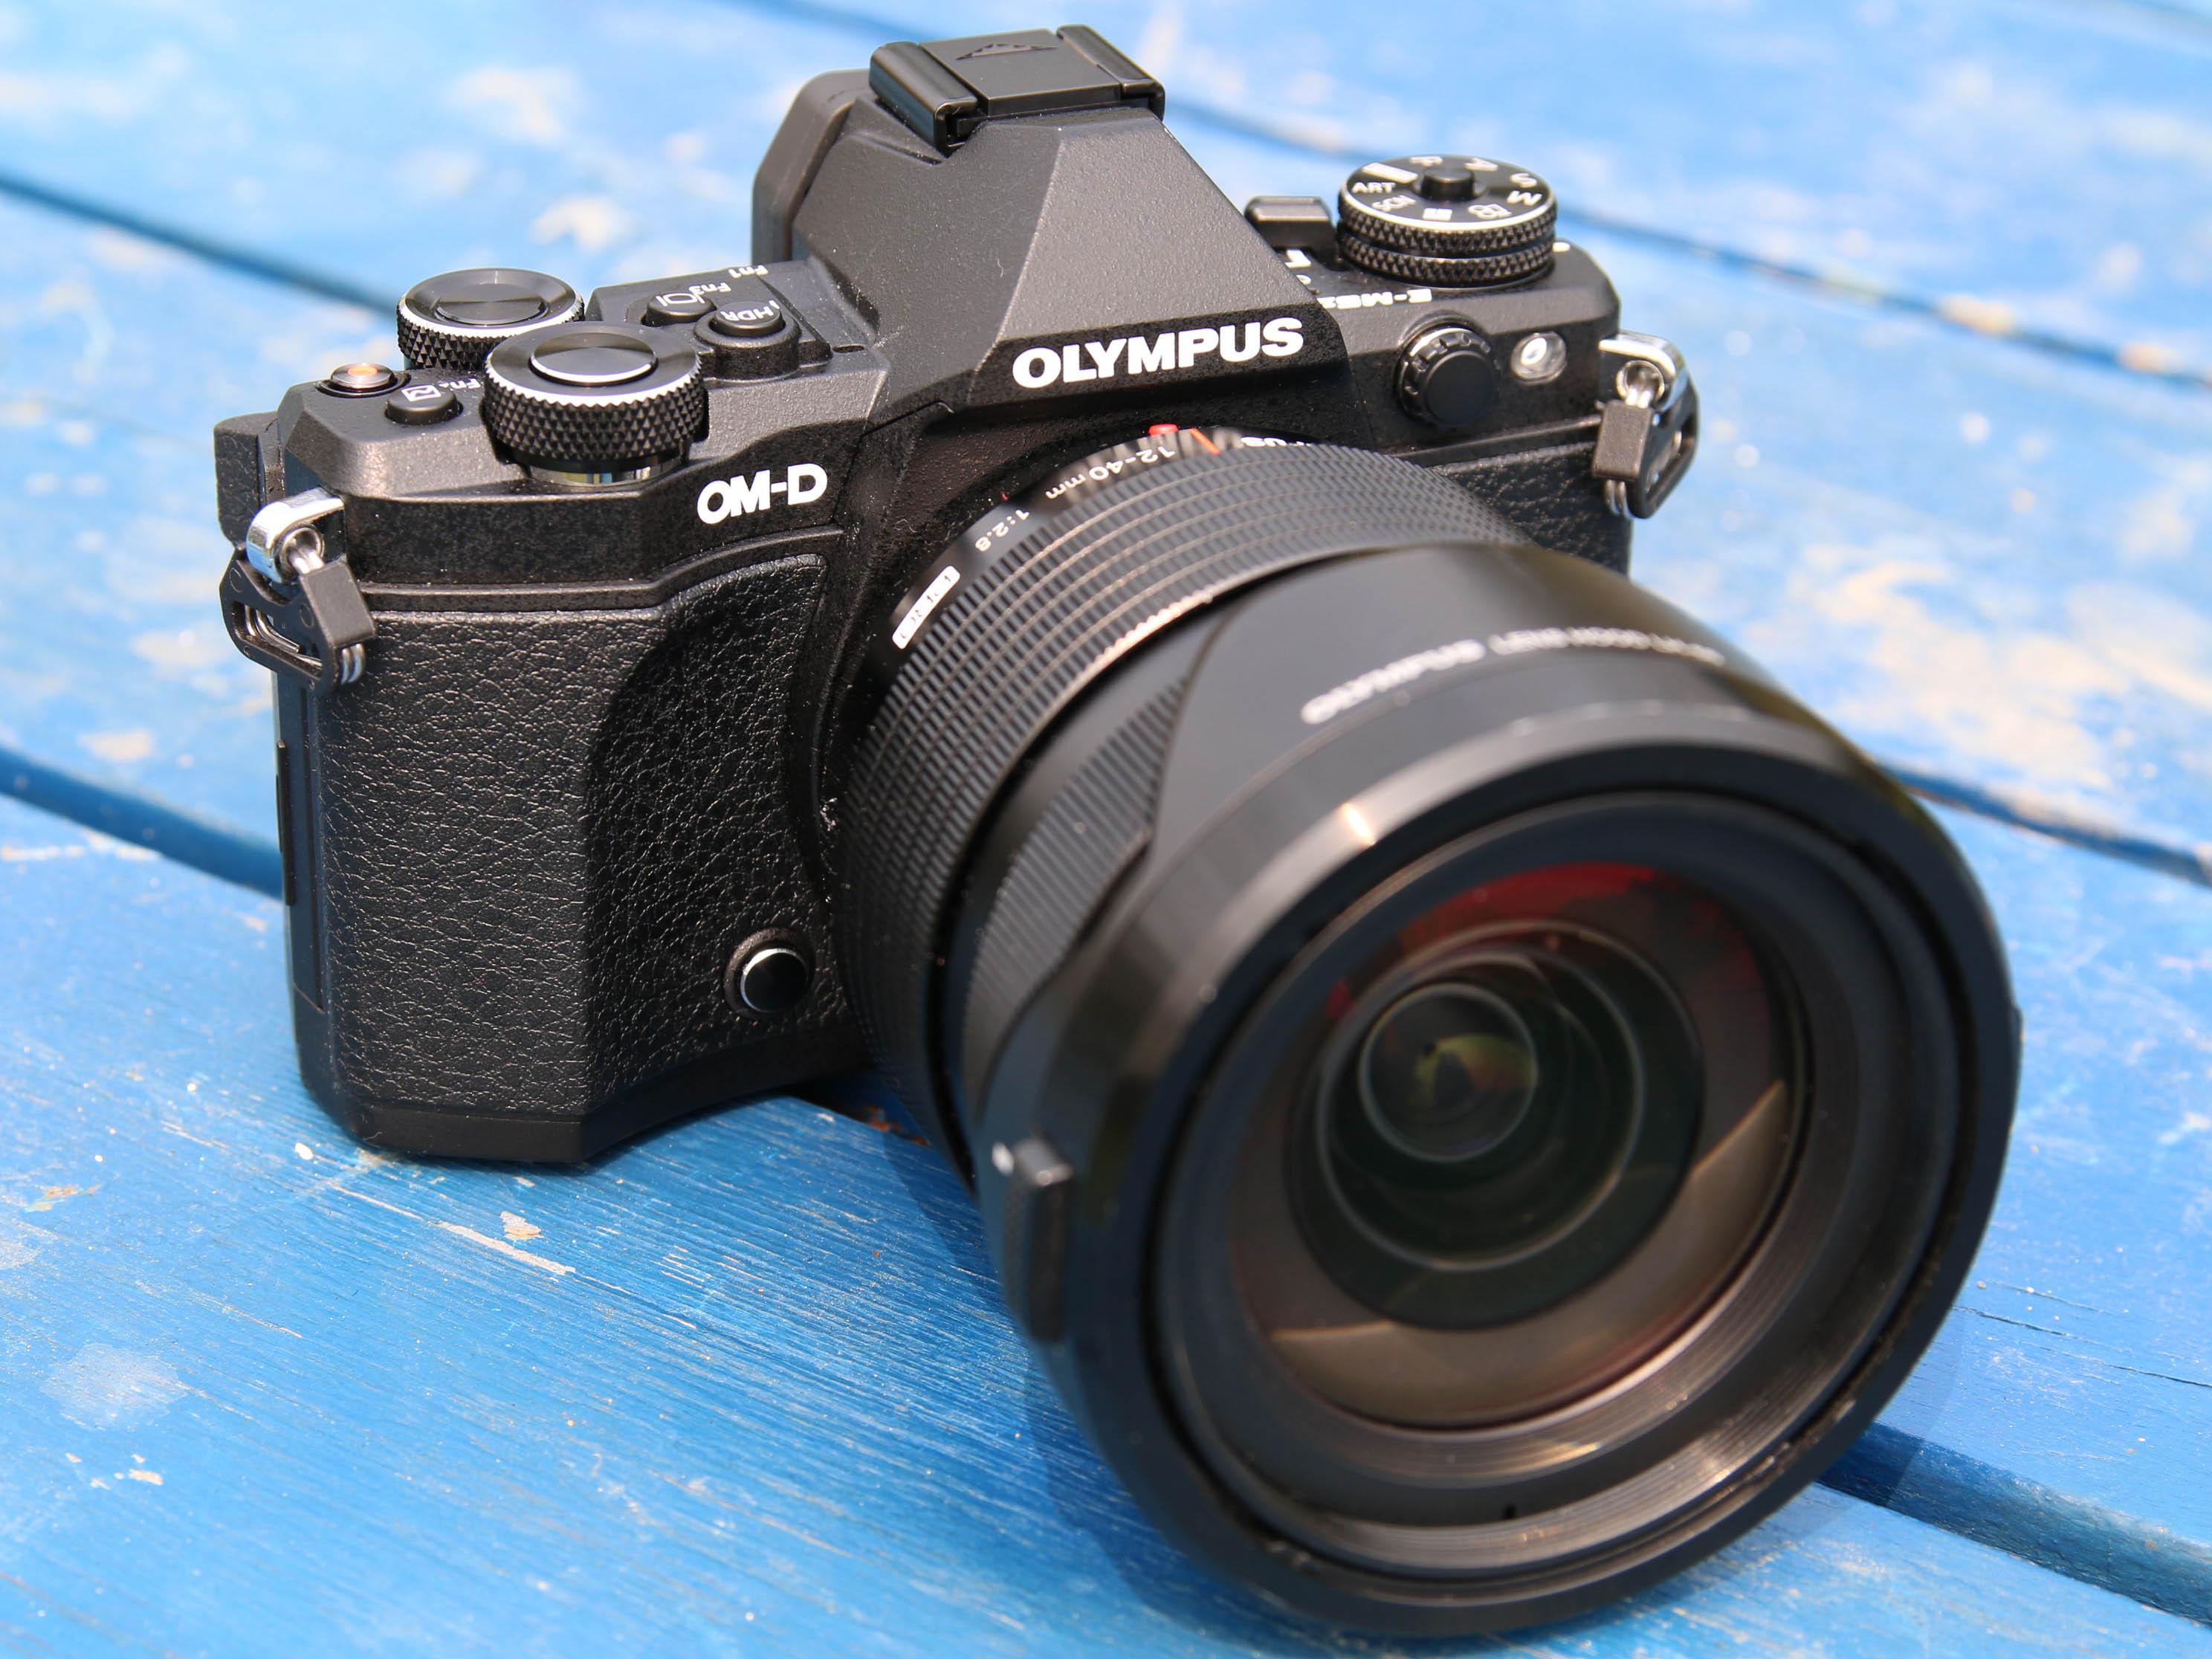 Olympus OM-D E-M5 II評測:夜拍最強、最高防震等級的微單眼